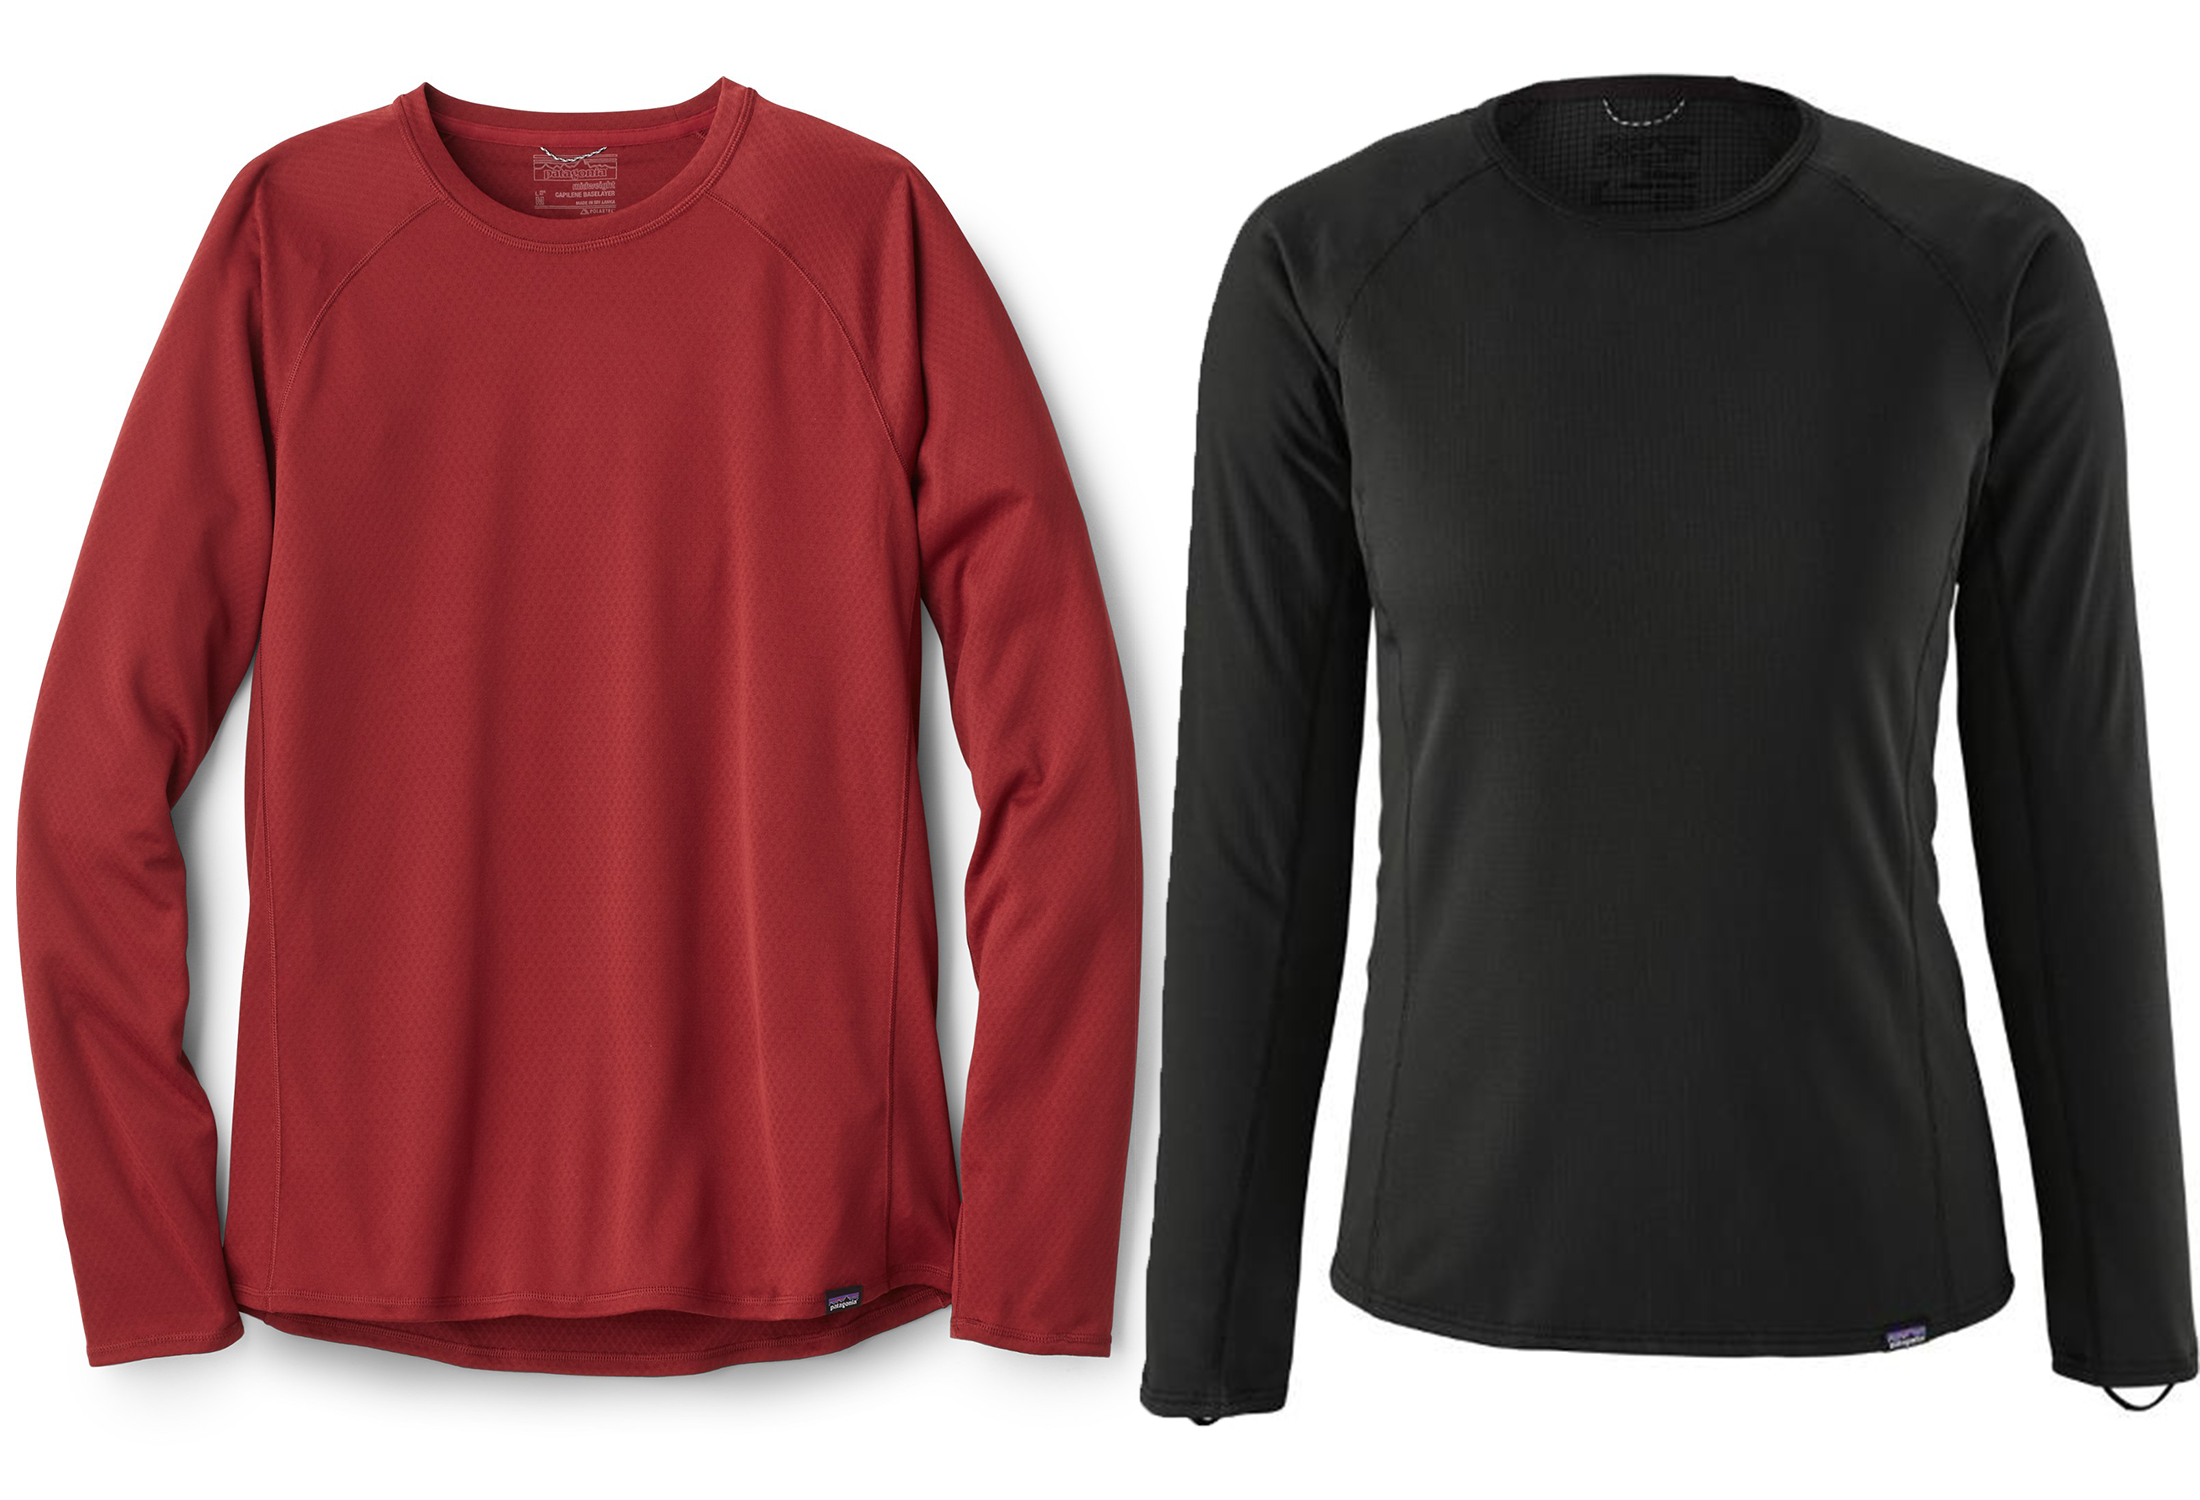 capilene shirts